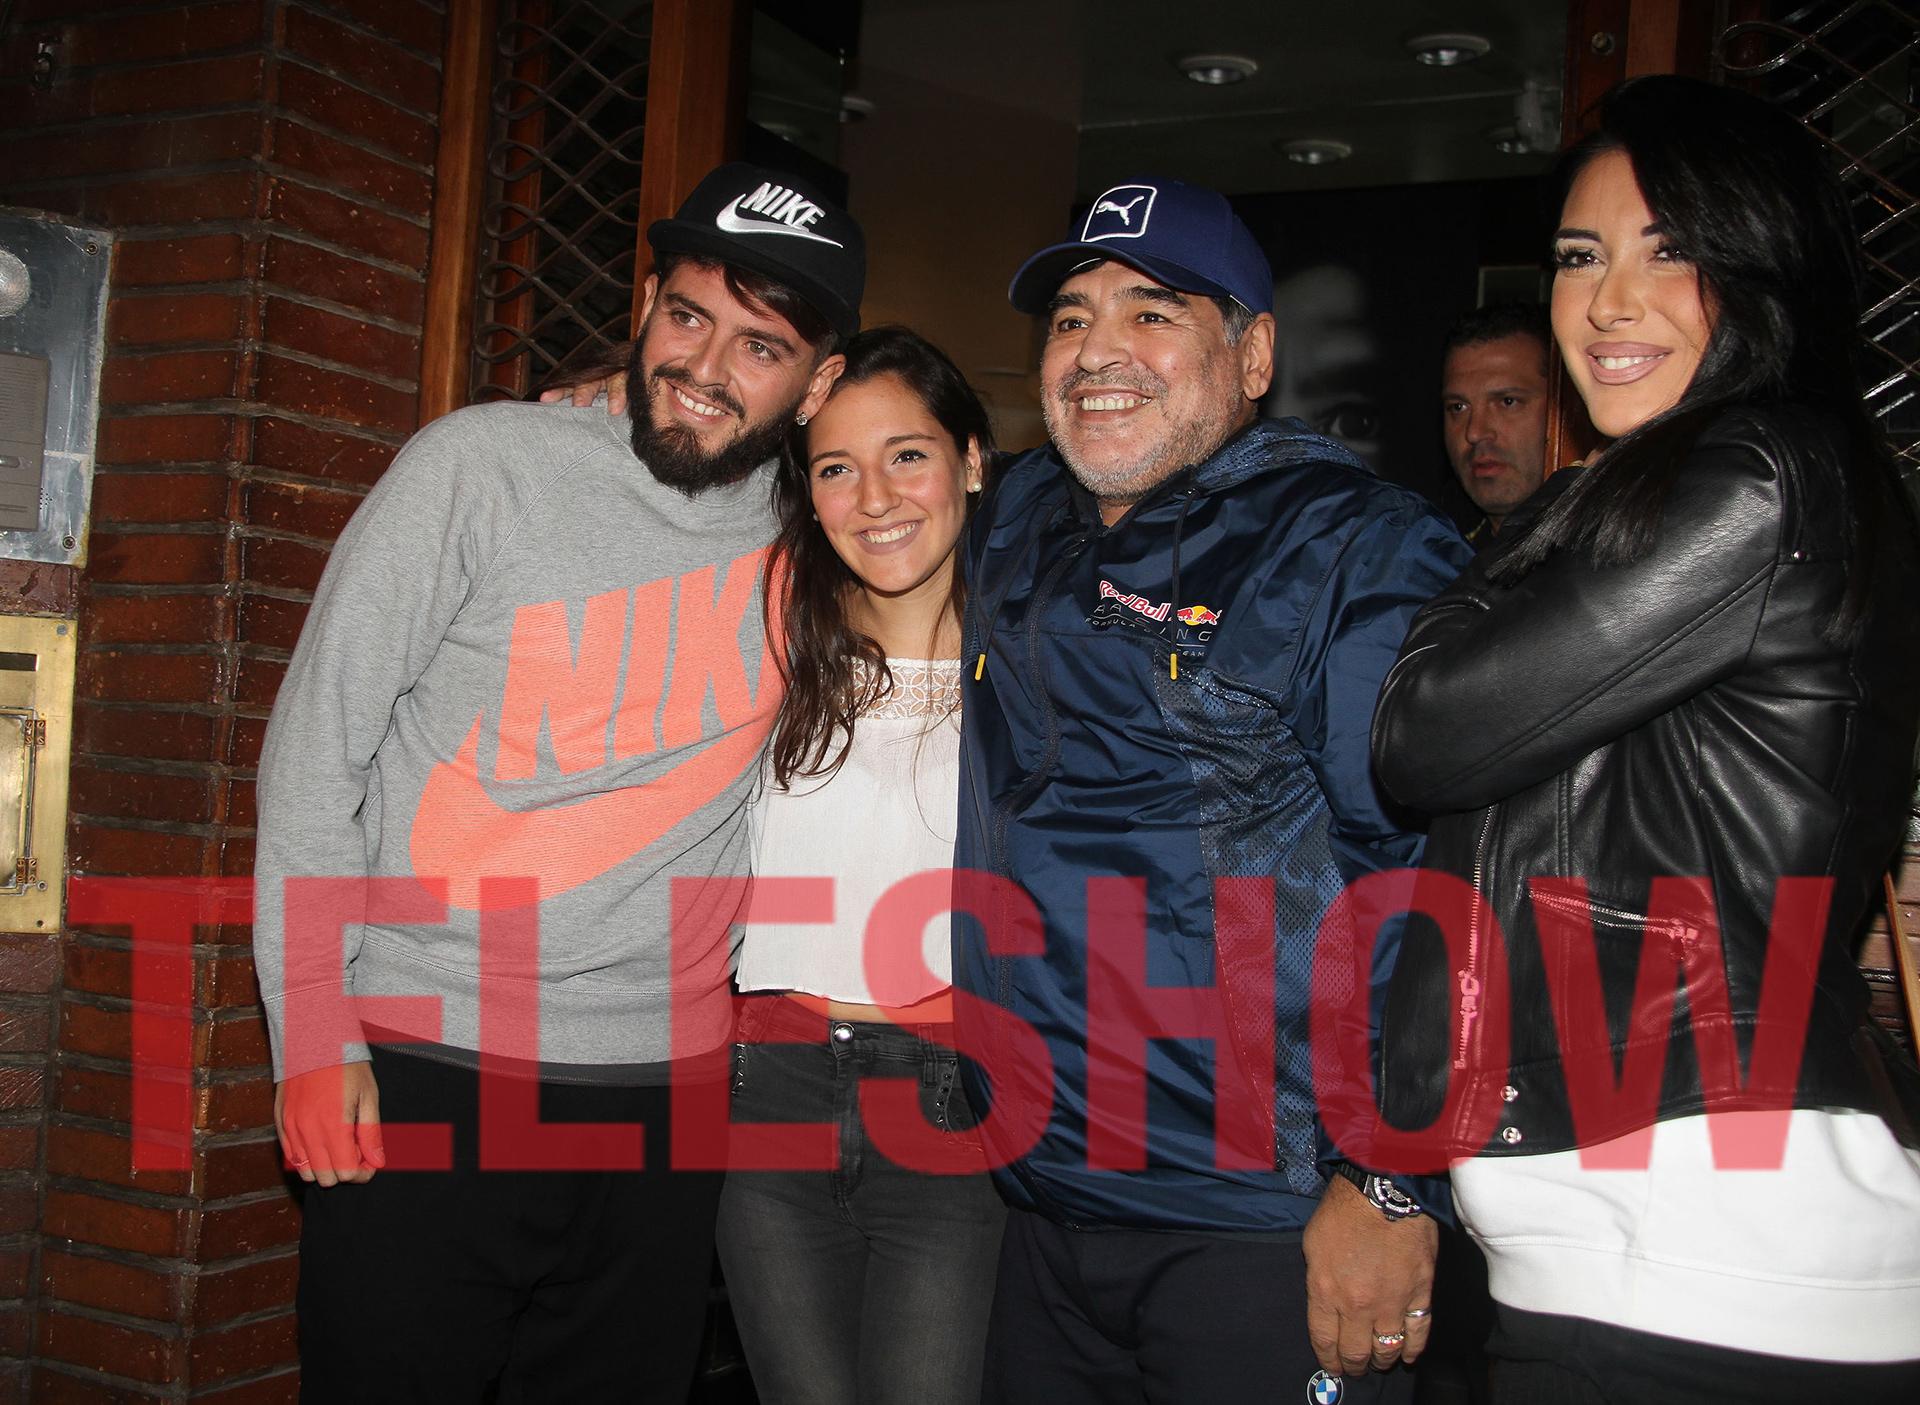 Diego Junior más sonriente que nunca junto a Jana, su papá y su esposa (Crédito: Verónica Guerman)